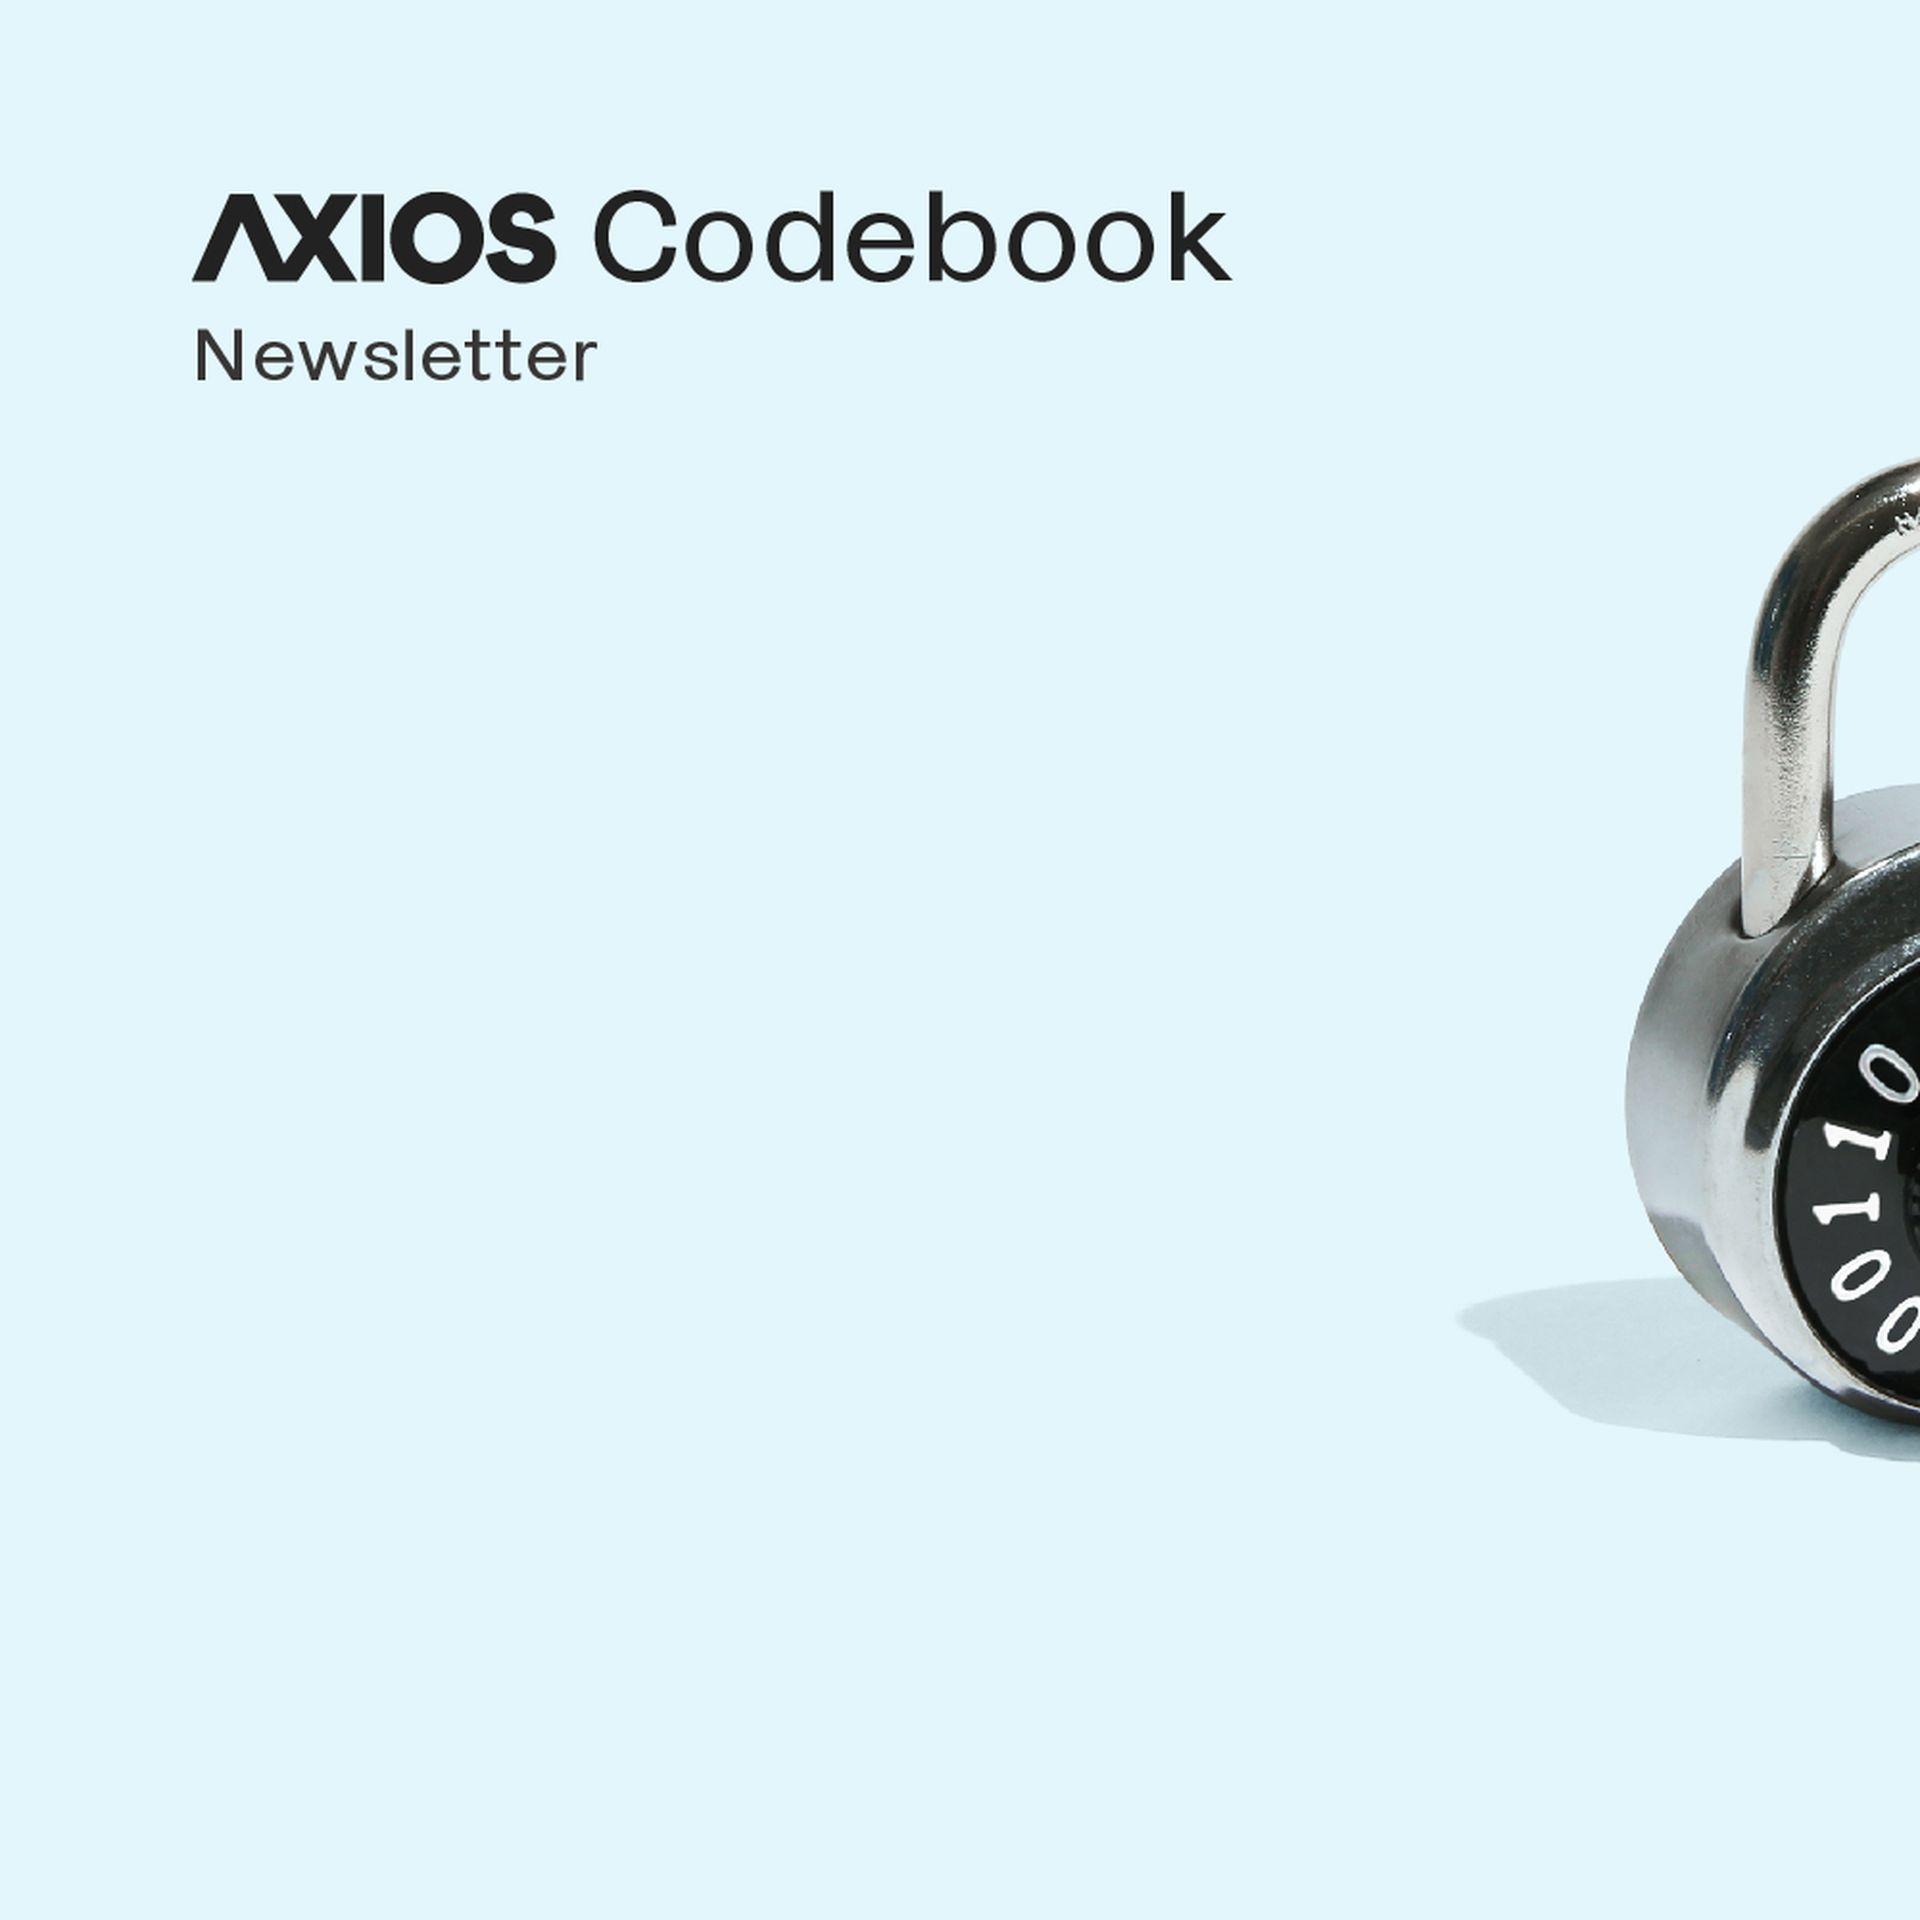 Codebook - September 5, 2019 - Axios